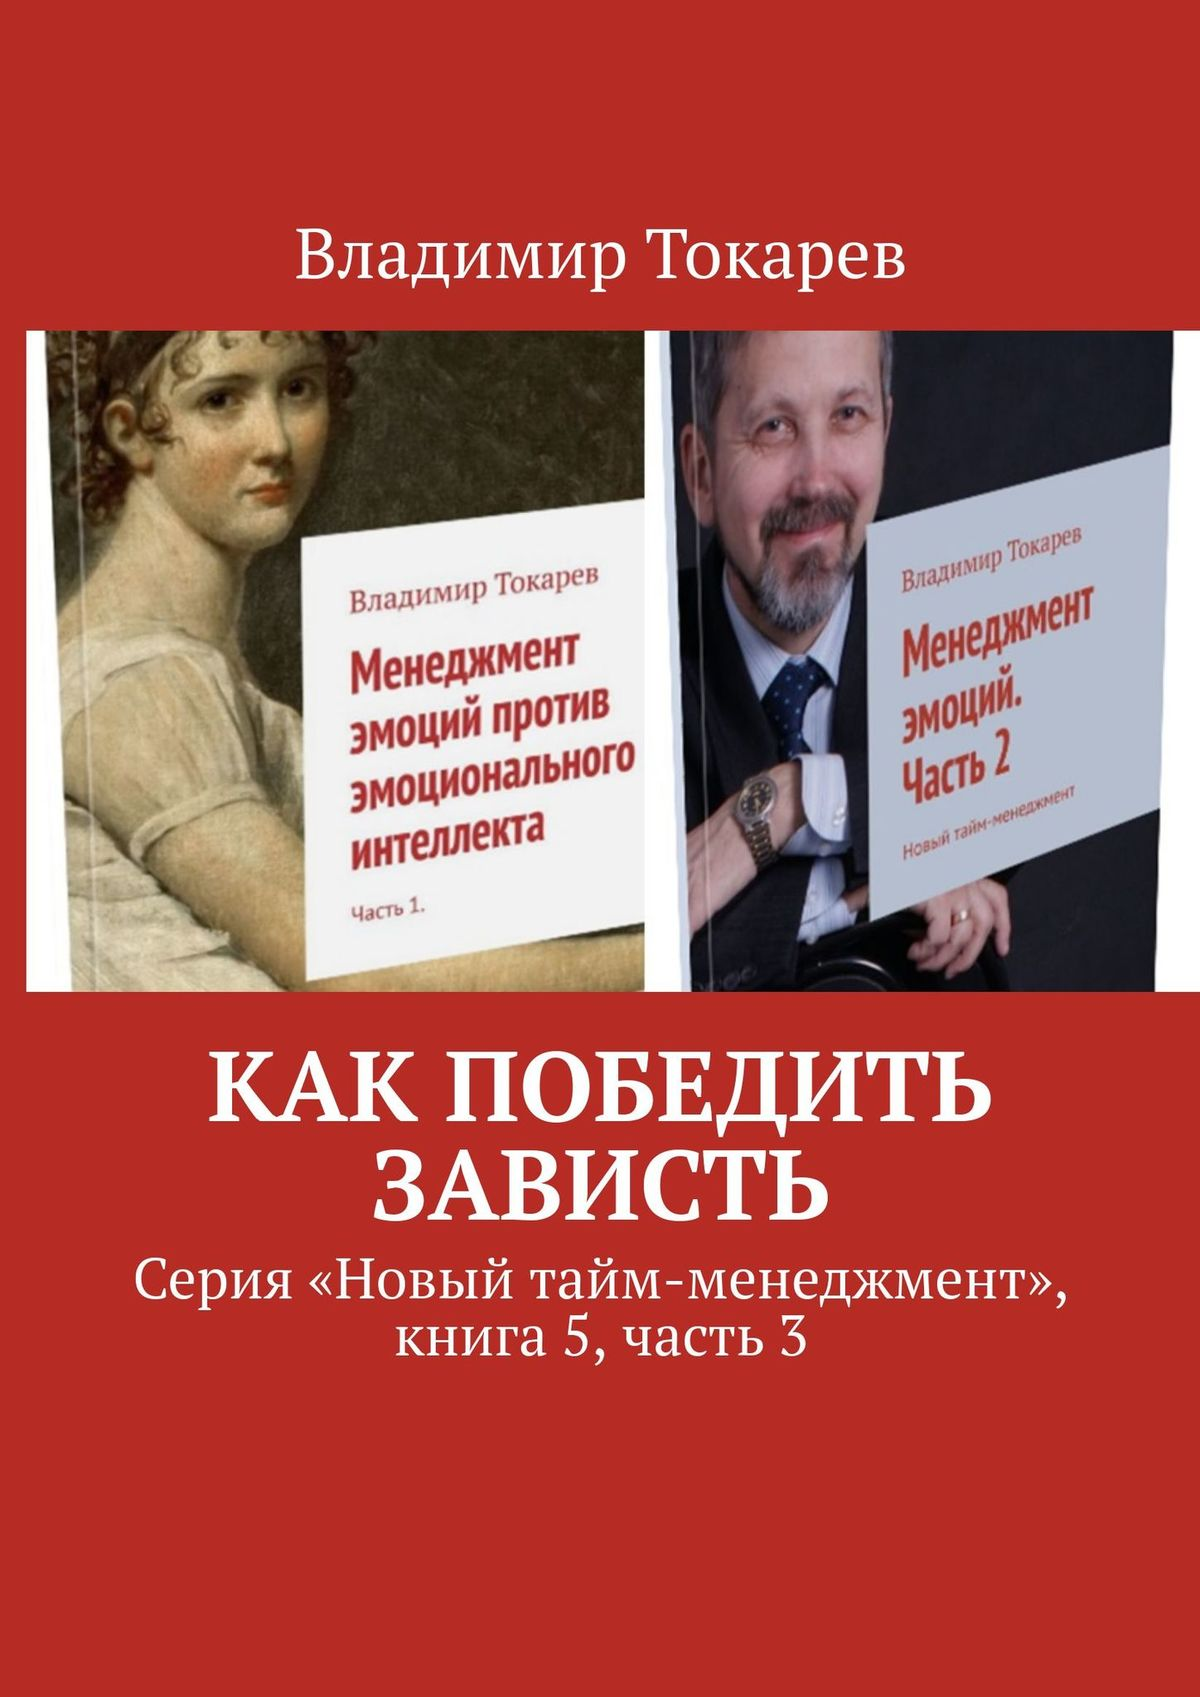 Владимир Токарев Как победить зависть. Менеджмент эмоций. Часть3